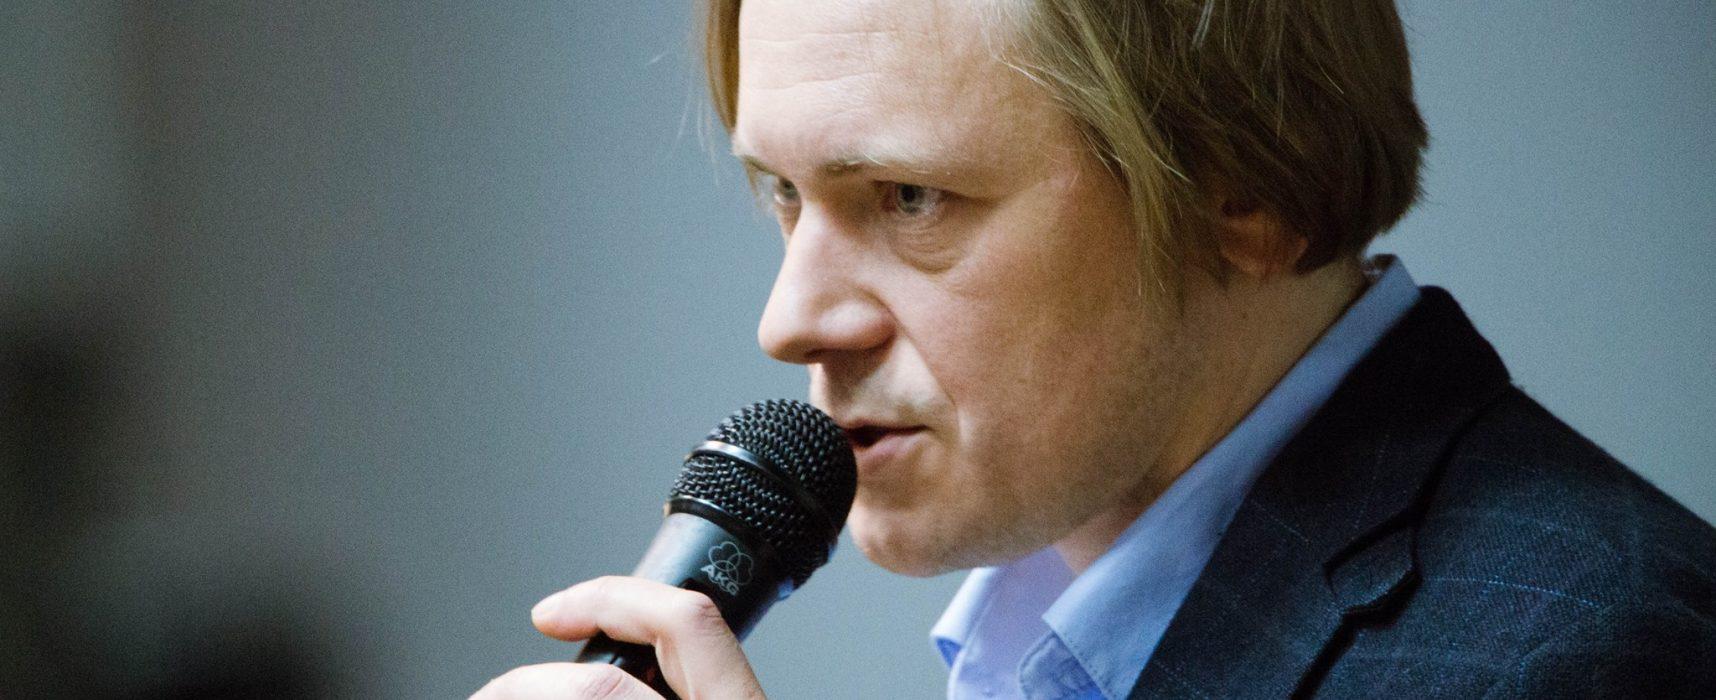 Андрей Архангельский: «Безопасность не может подменять свободу»